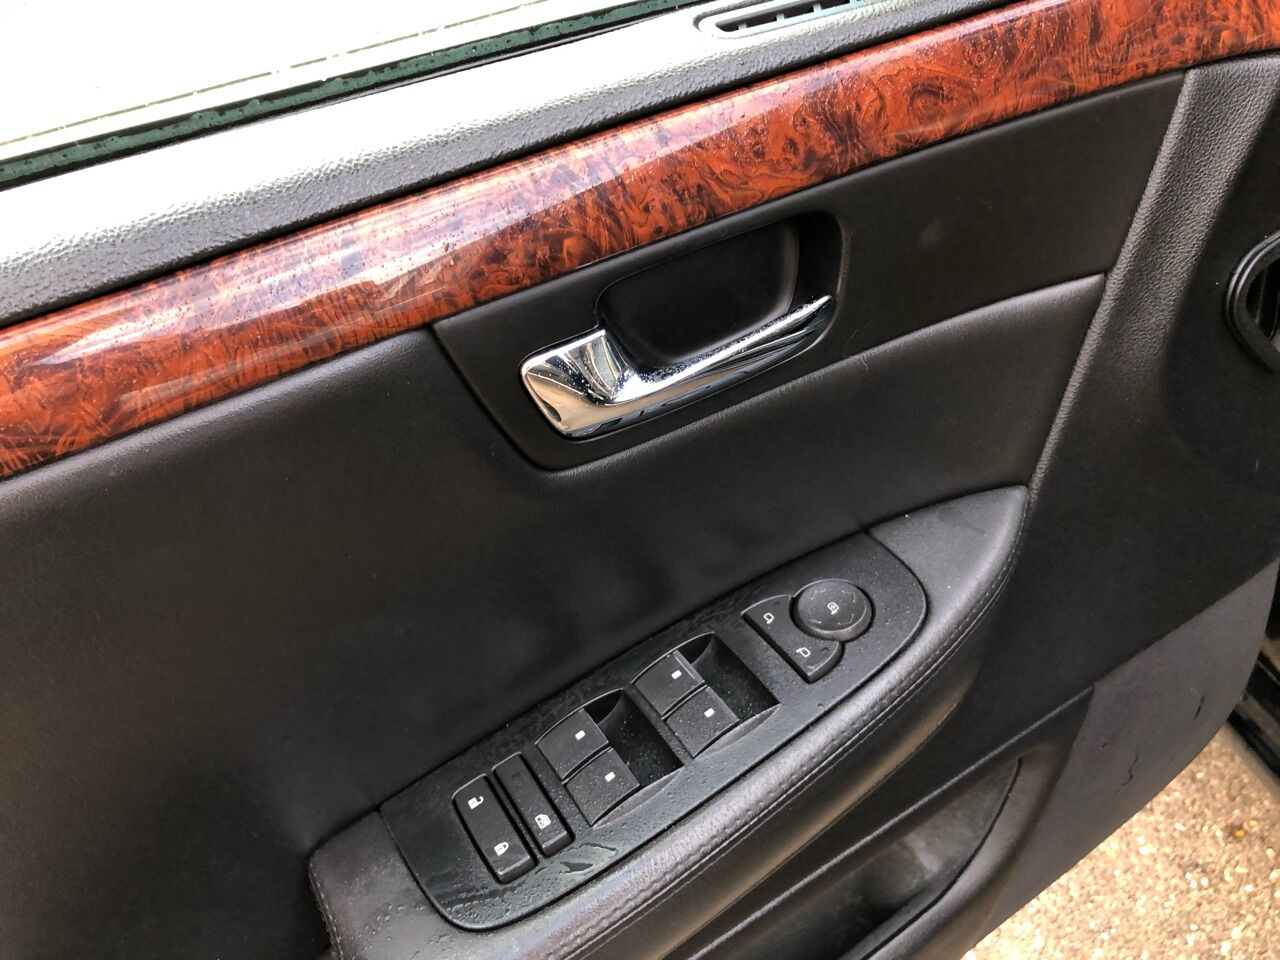 2006 Cadillac DTS Pro 4dr Car